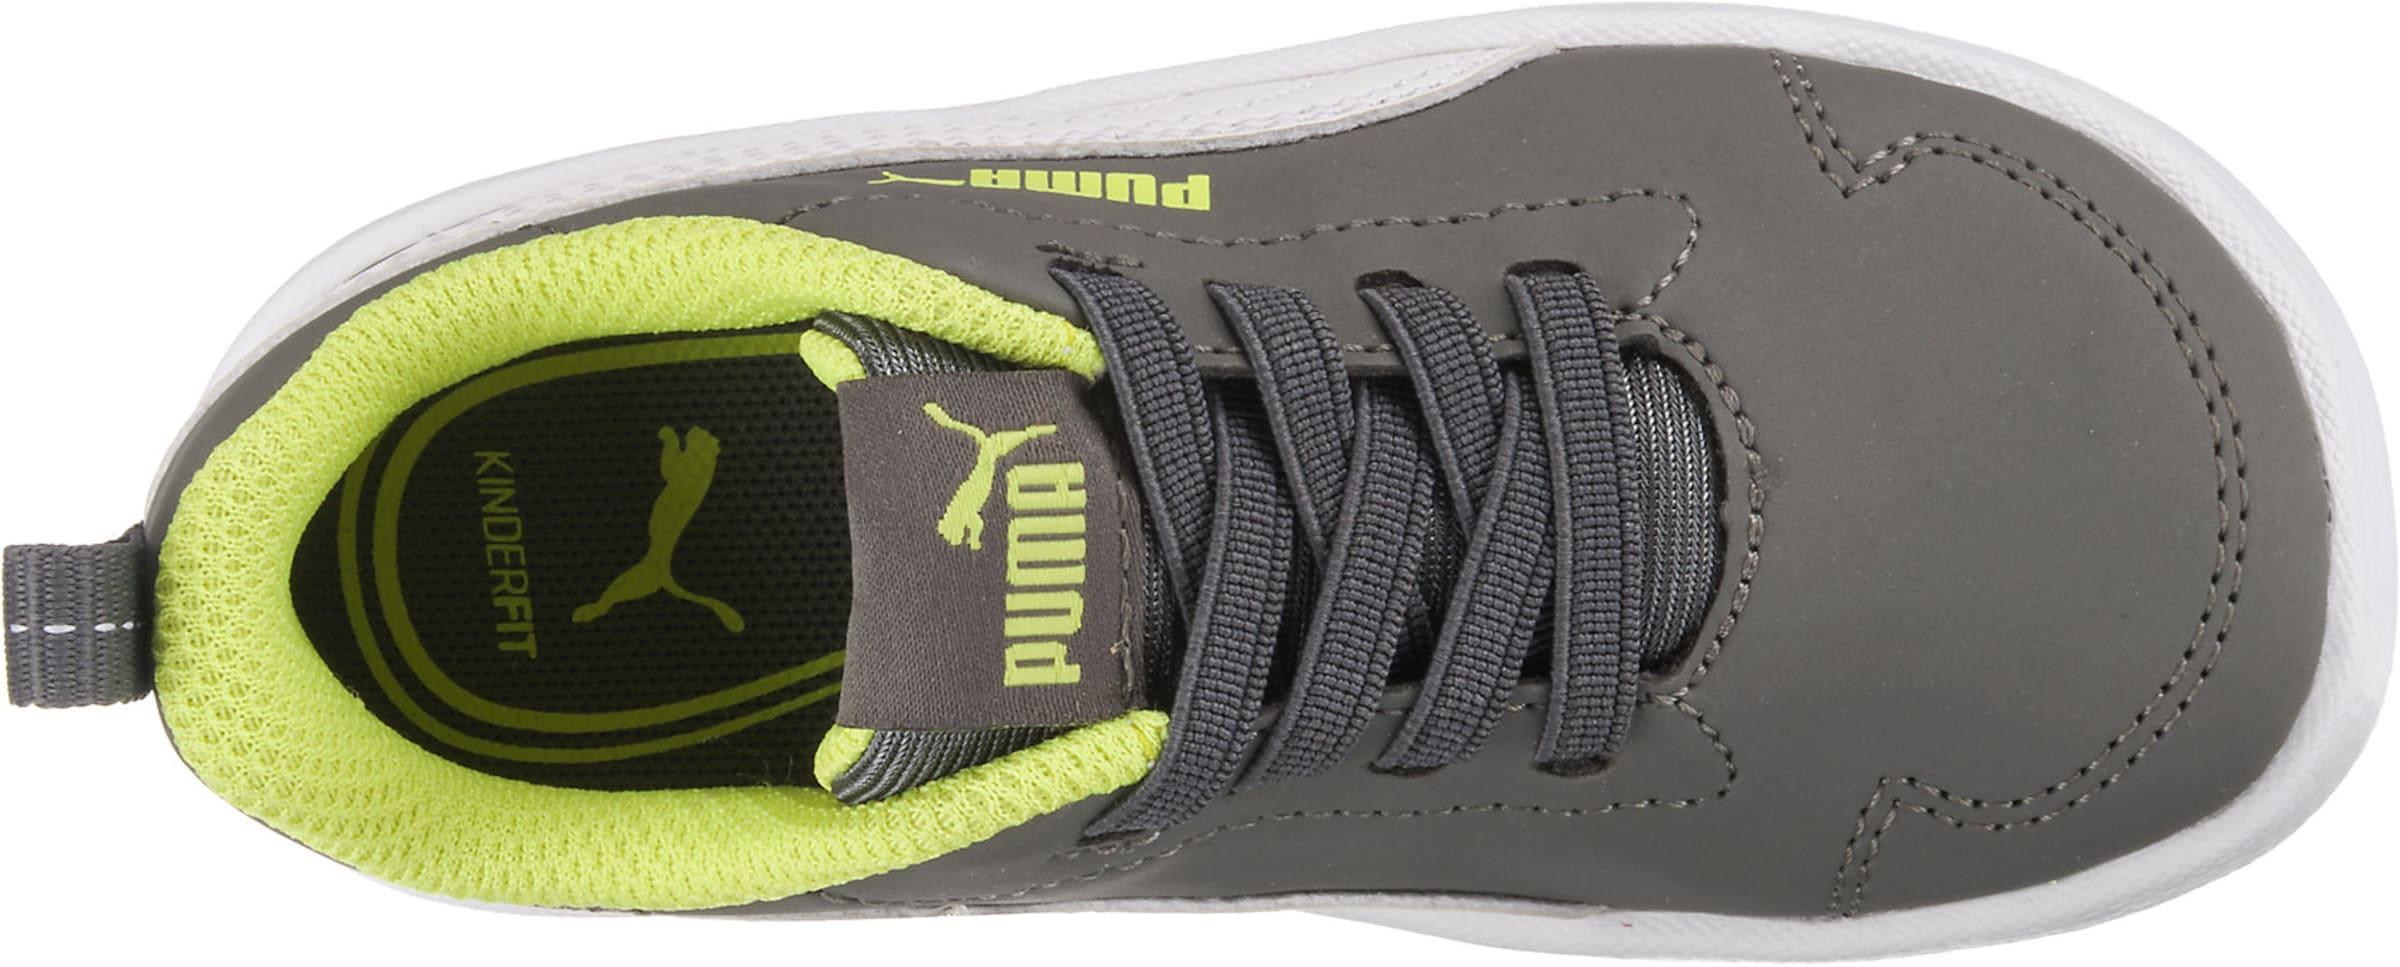 'courtflex In Sneakers Puma GrauNeongrün Inf' Weiß 0yvnwmN8O